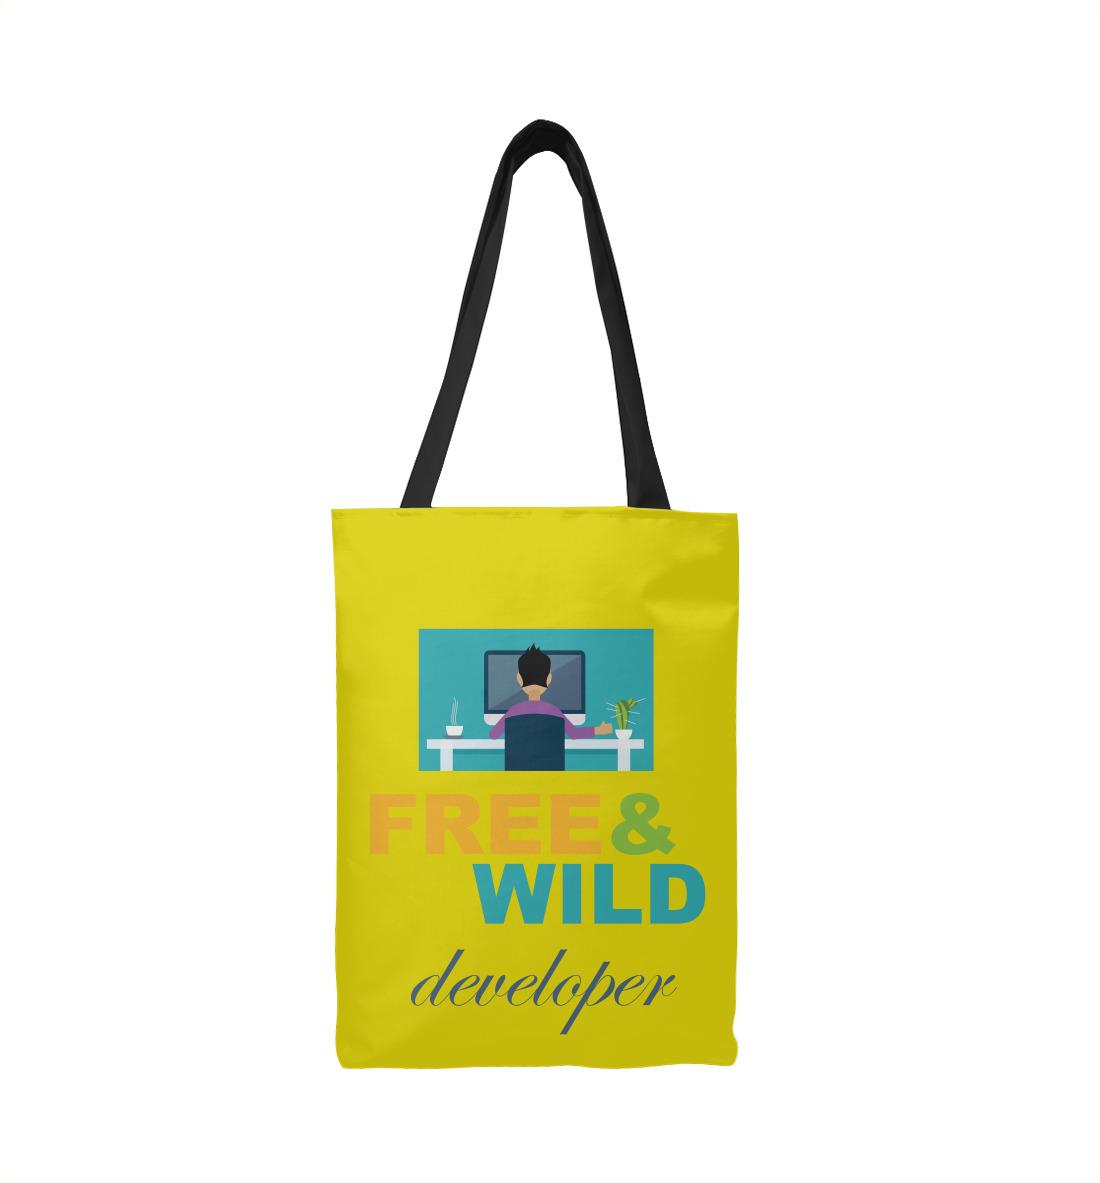 Free & Wild